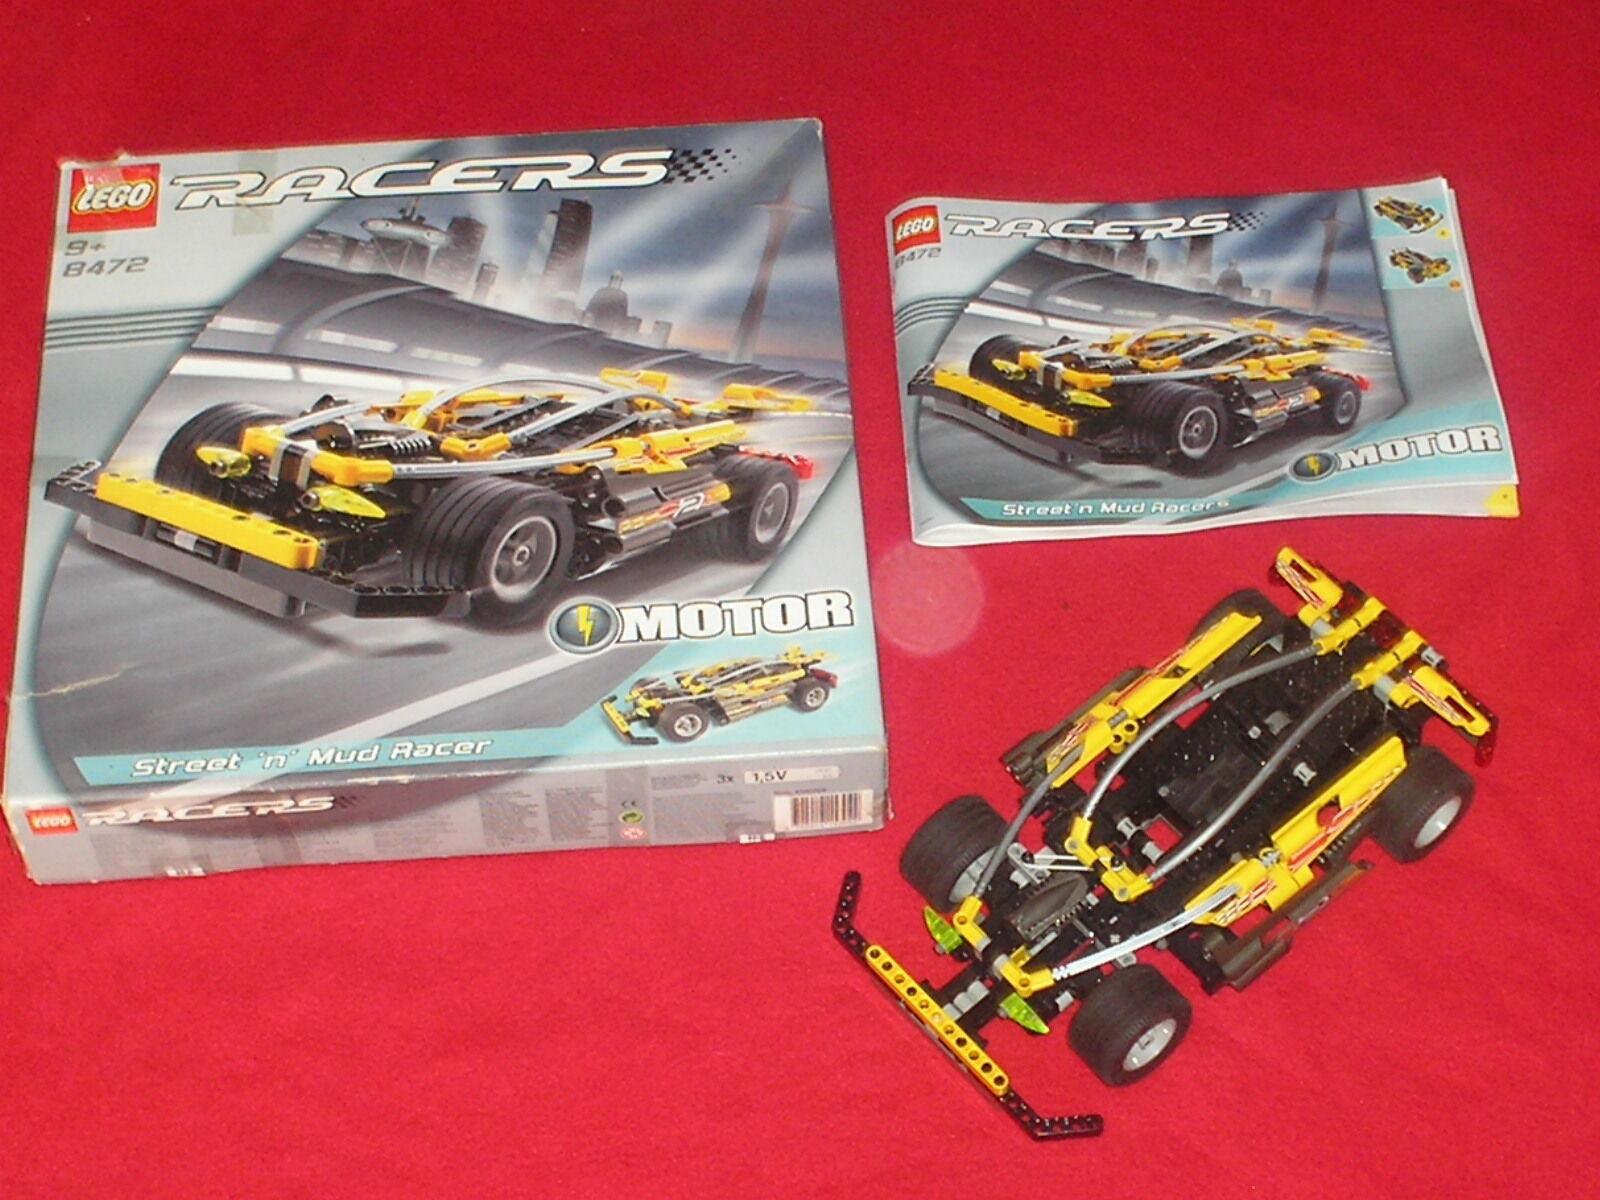 Set complet LEGO TECHNIC racers ref 8472 avec moteur        100% COMPLET